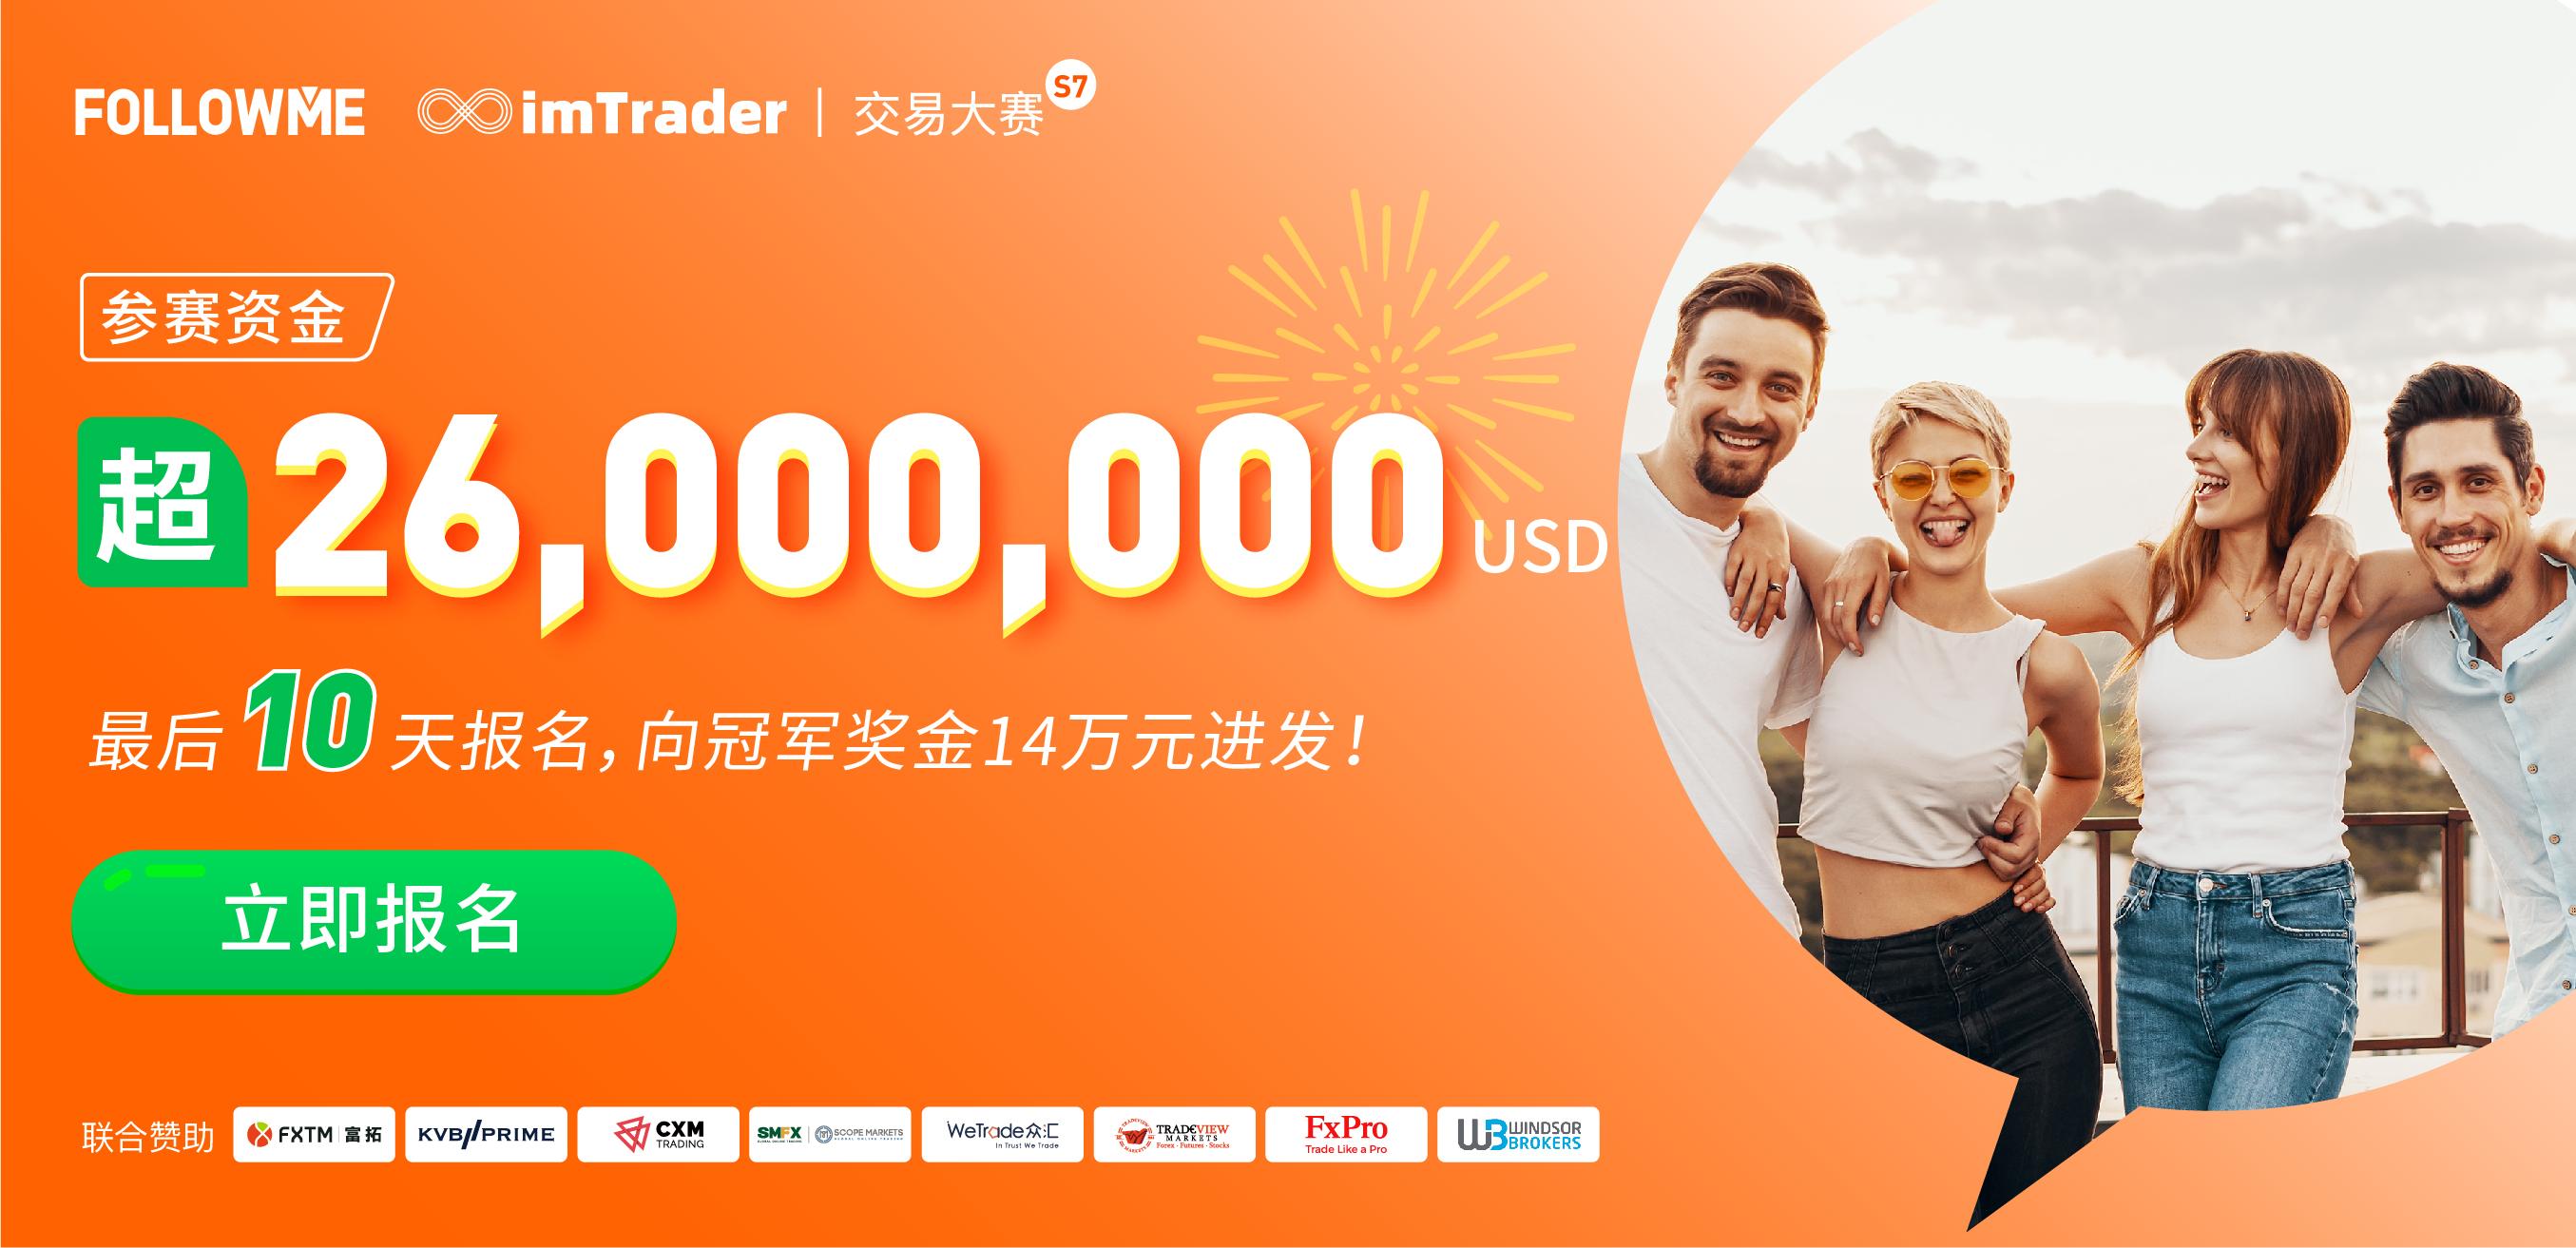 参赛账户数 3,200 个!FOLLOWME 交易大赛参赛资金超 2,600 万美元!